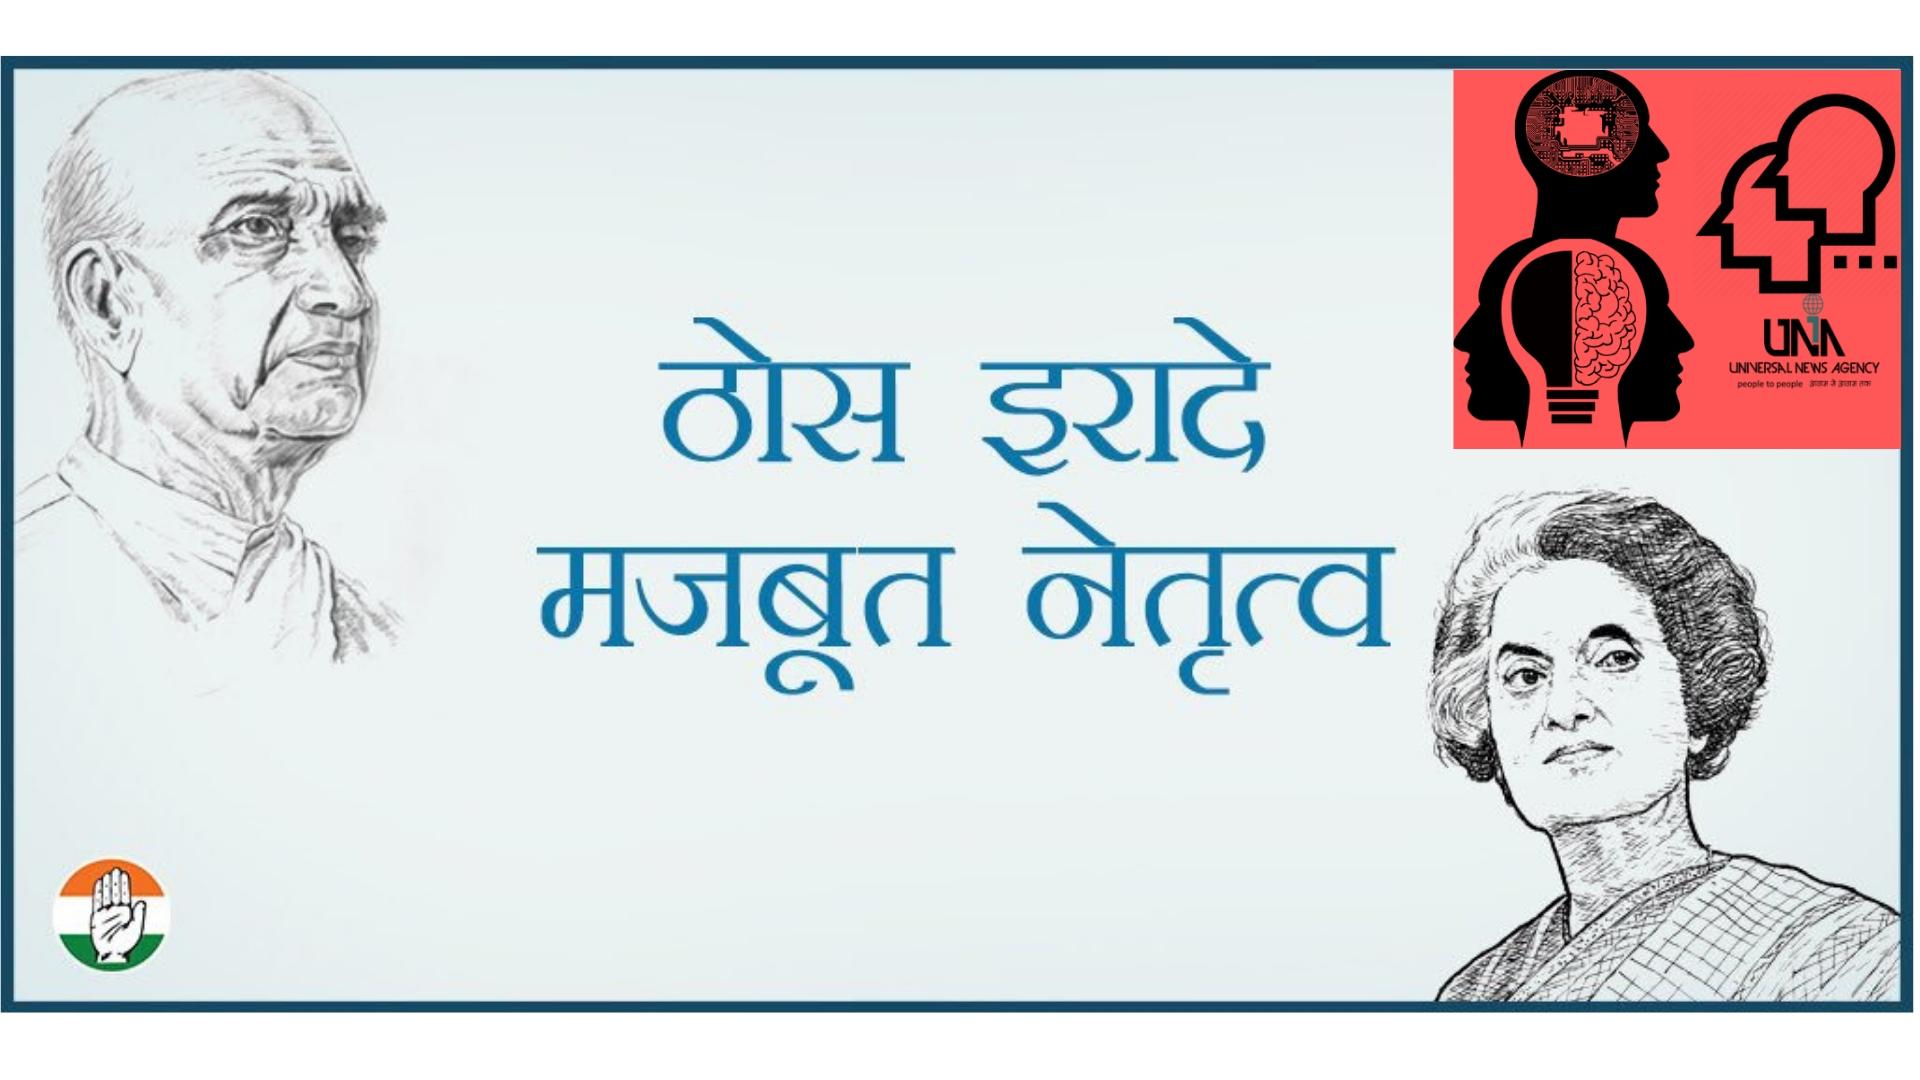 ऊत्तराखण्ड देहरादून में काँग्रेस पार्टी ने भारत रत्न स्व0 श्रीमति इन्दिरा गाँधी एंव भारत रत्न सरदार बल्लभ भाई पटेल के शहादत दिवस को याद कर माल्यार्पण किया